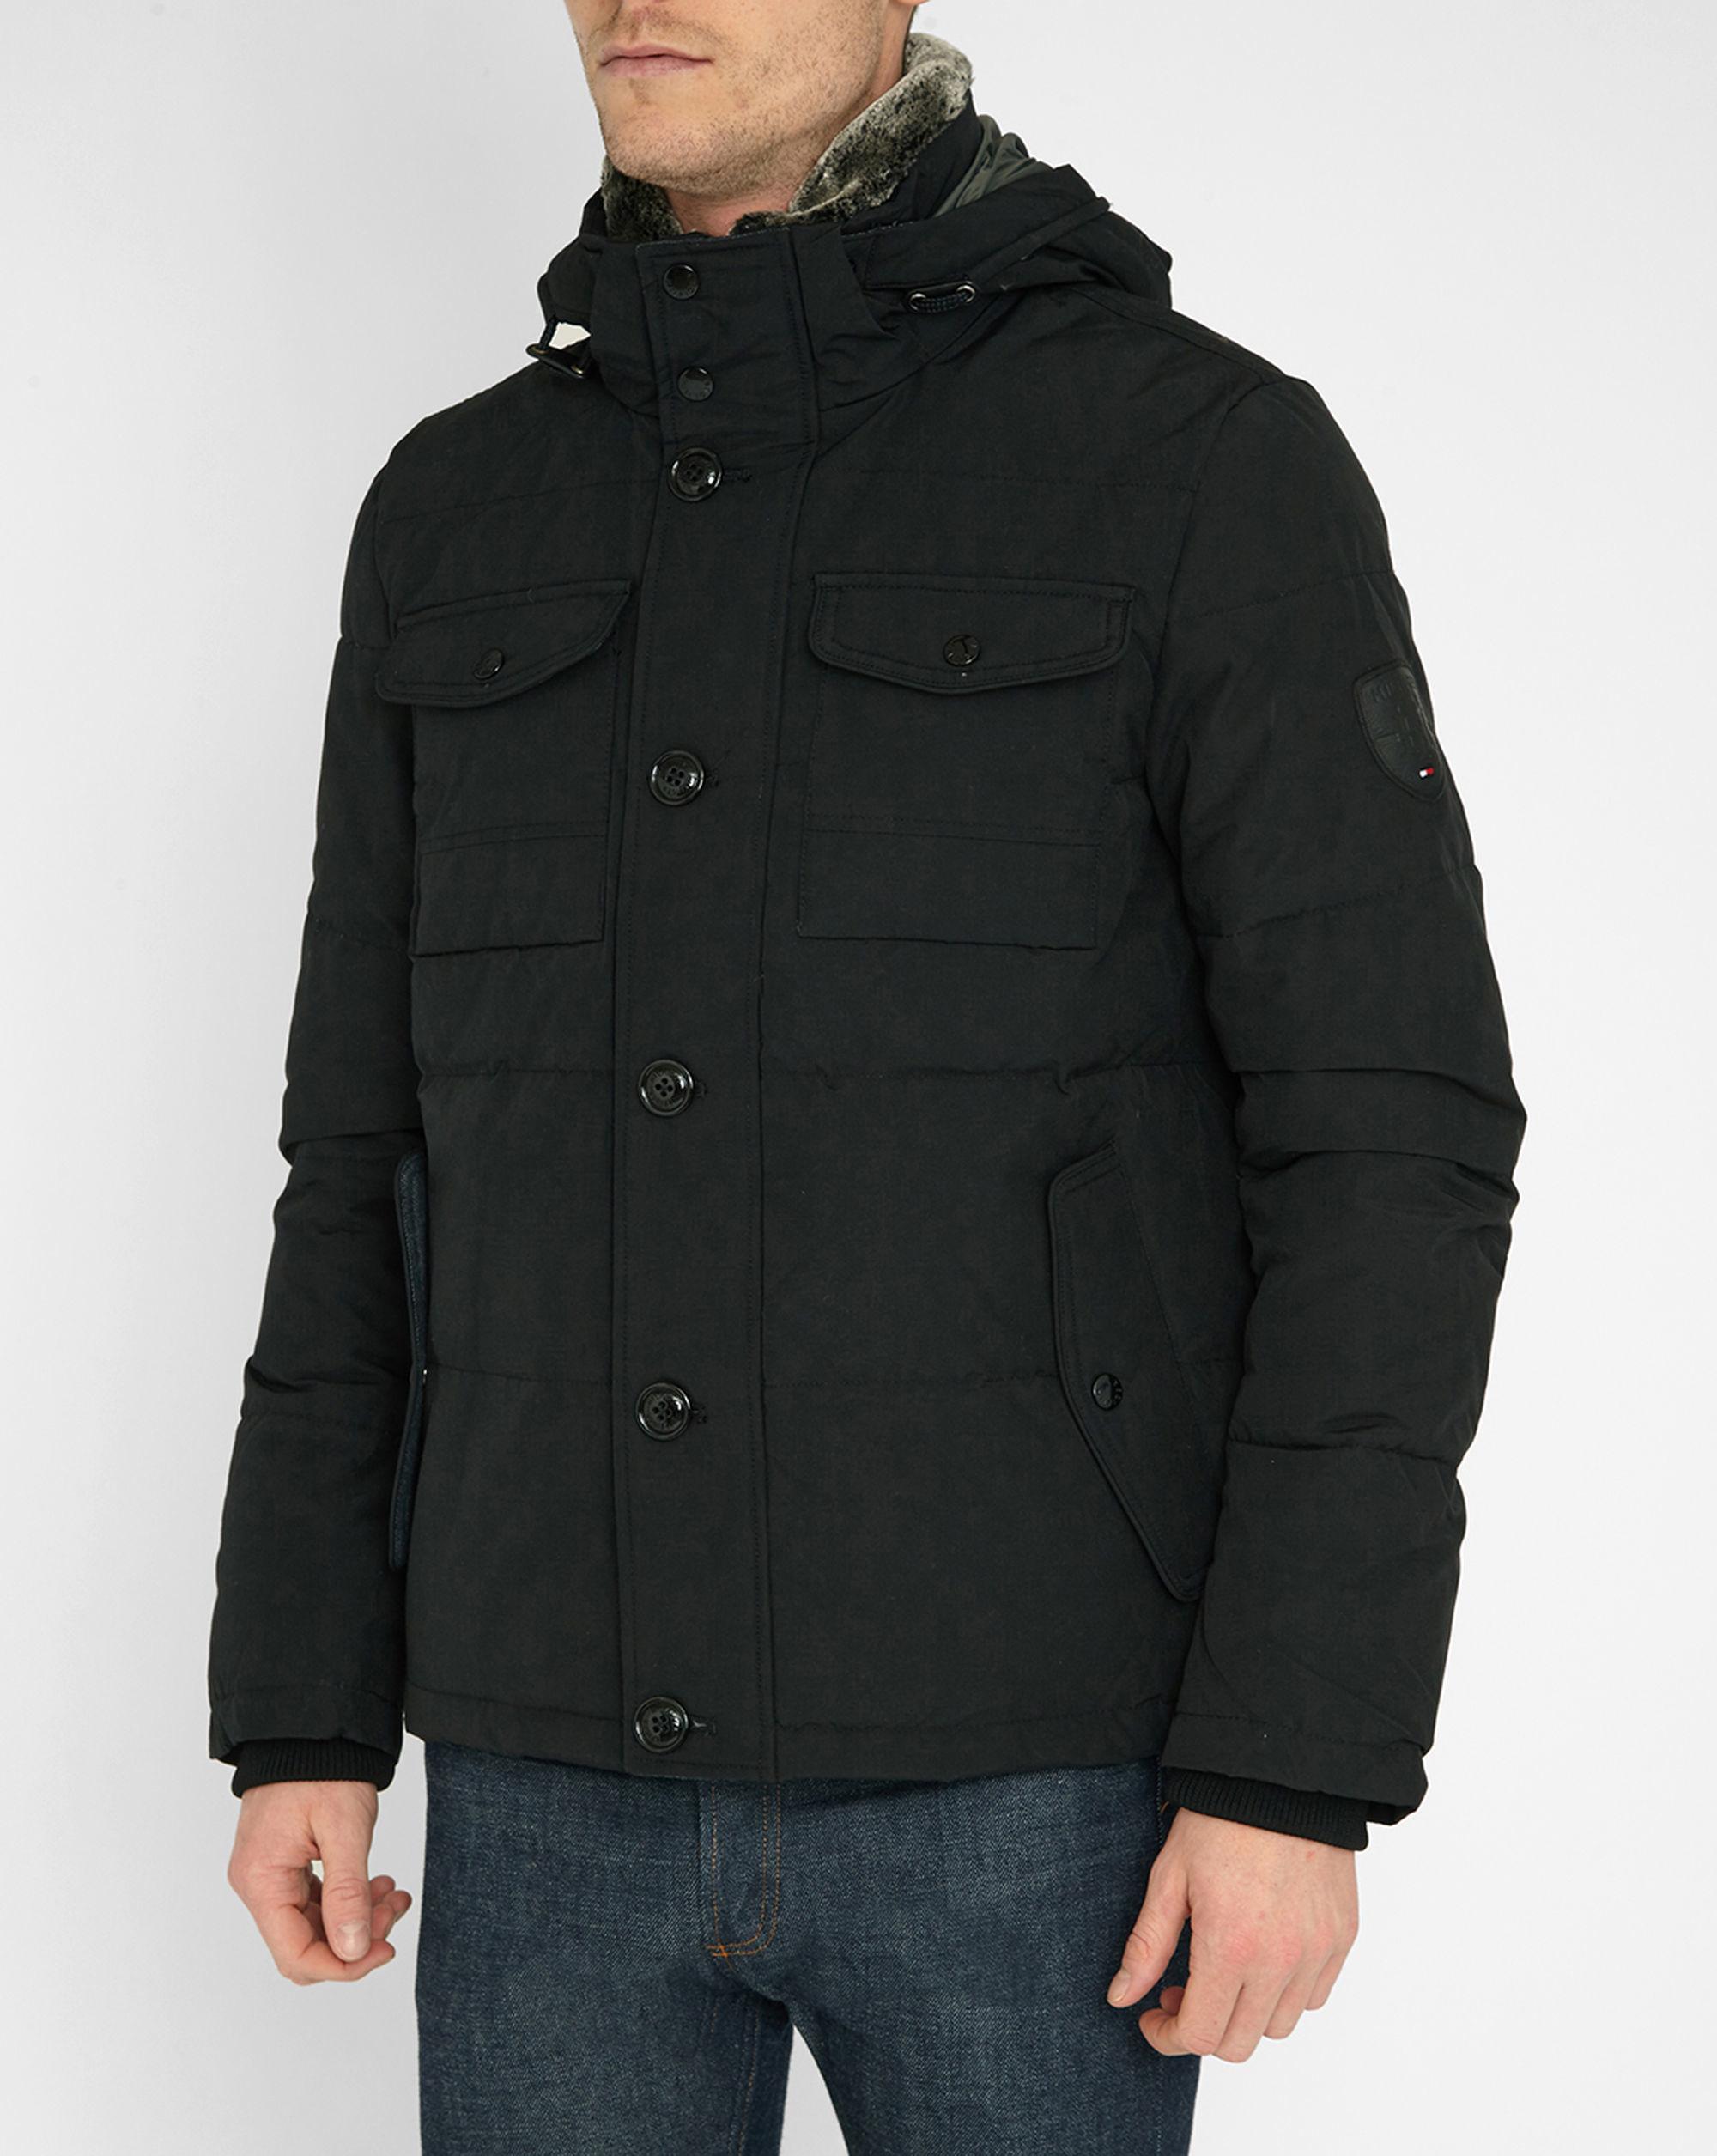 tommy hilfiger black pr sasha winter jacket in black for. Black Bedroom Furniture Sets. Home Design Ideas